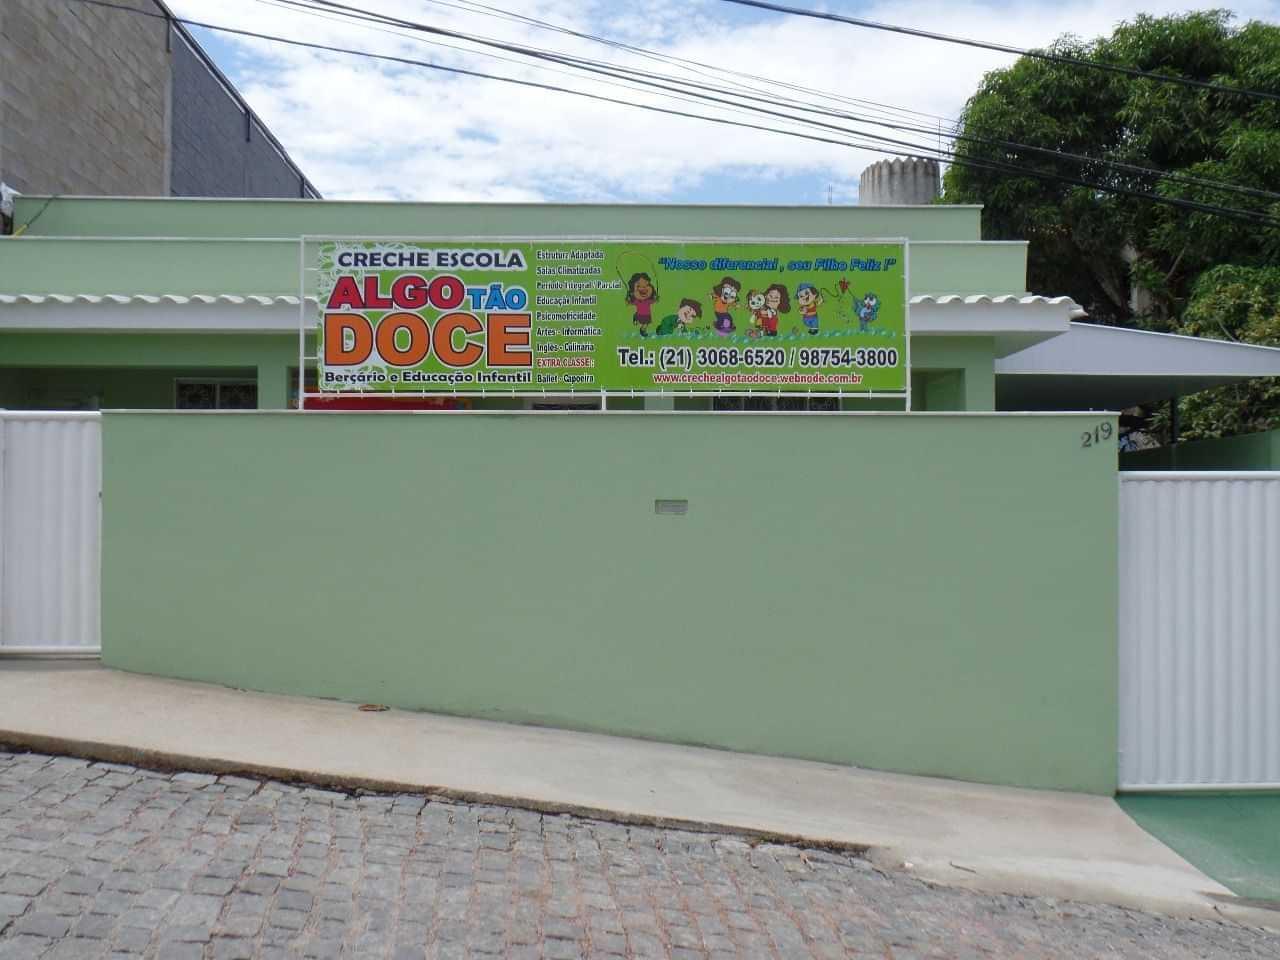 Centro Educacional Pimentel Martins e Creche Escola Algo Tao Doce - foto 14